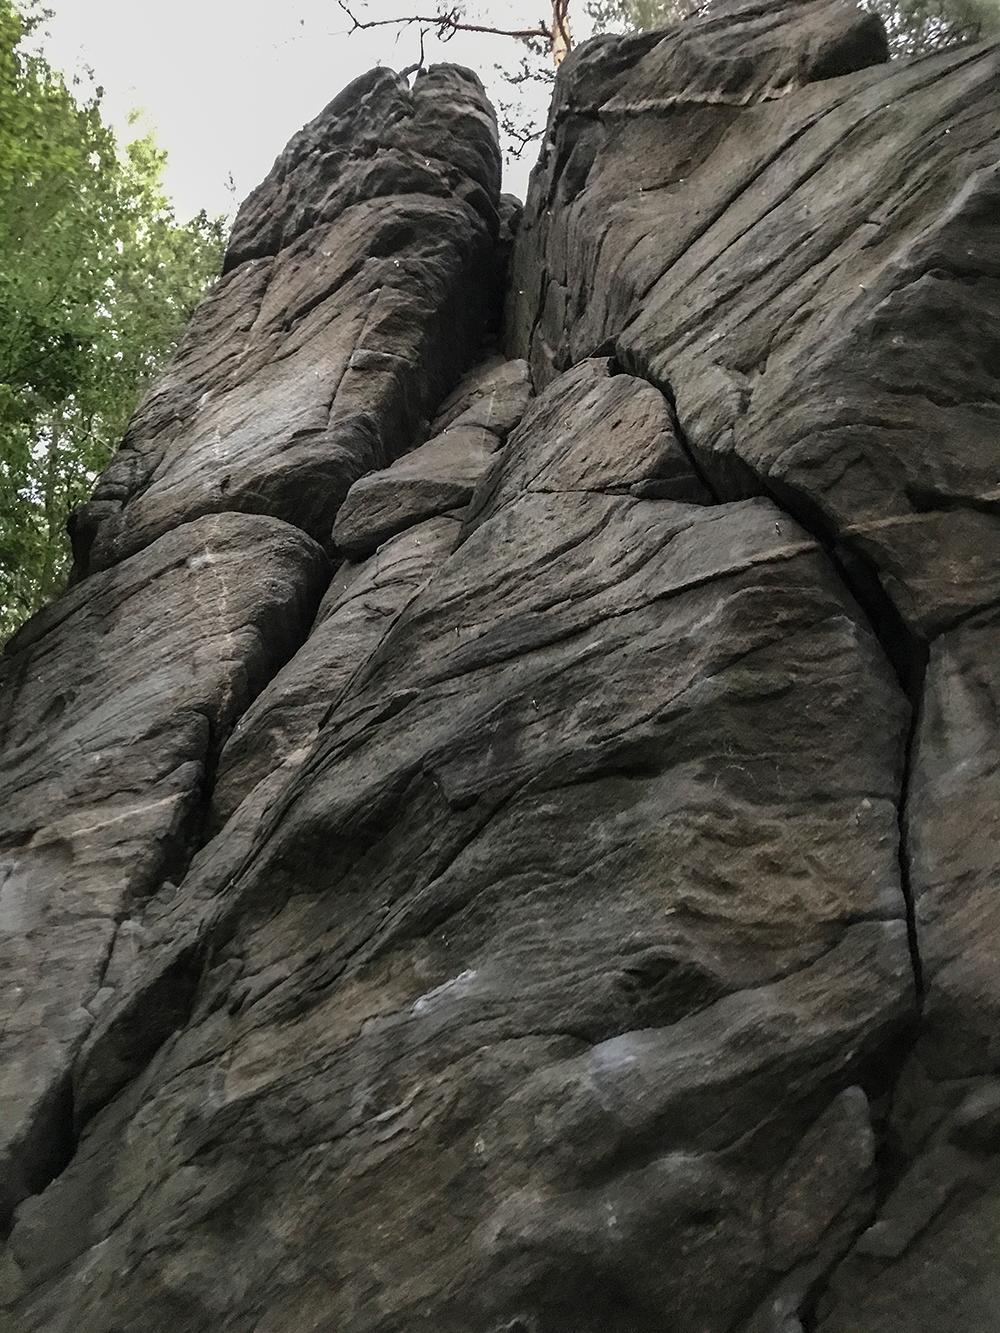 Grosser Lehnerfelsen